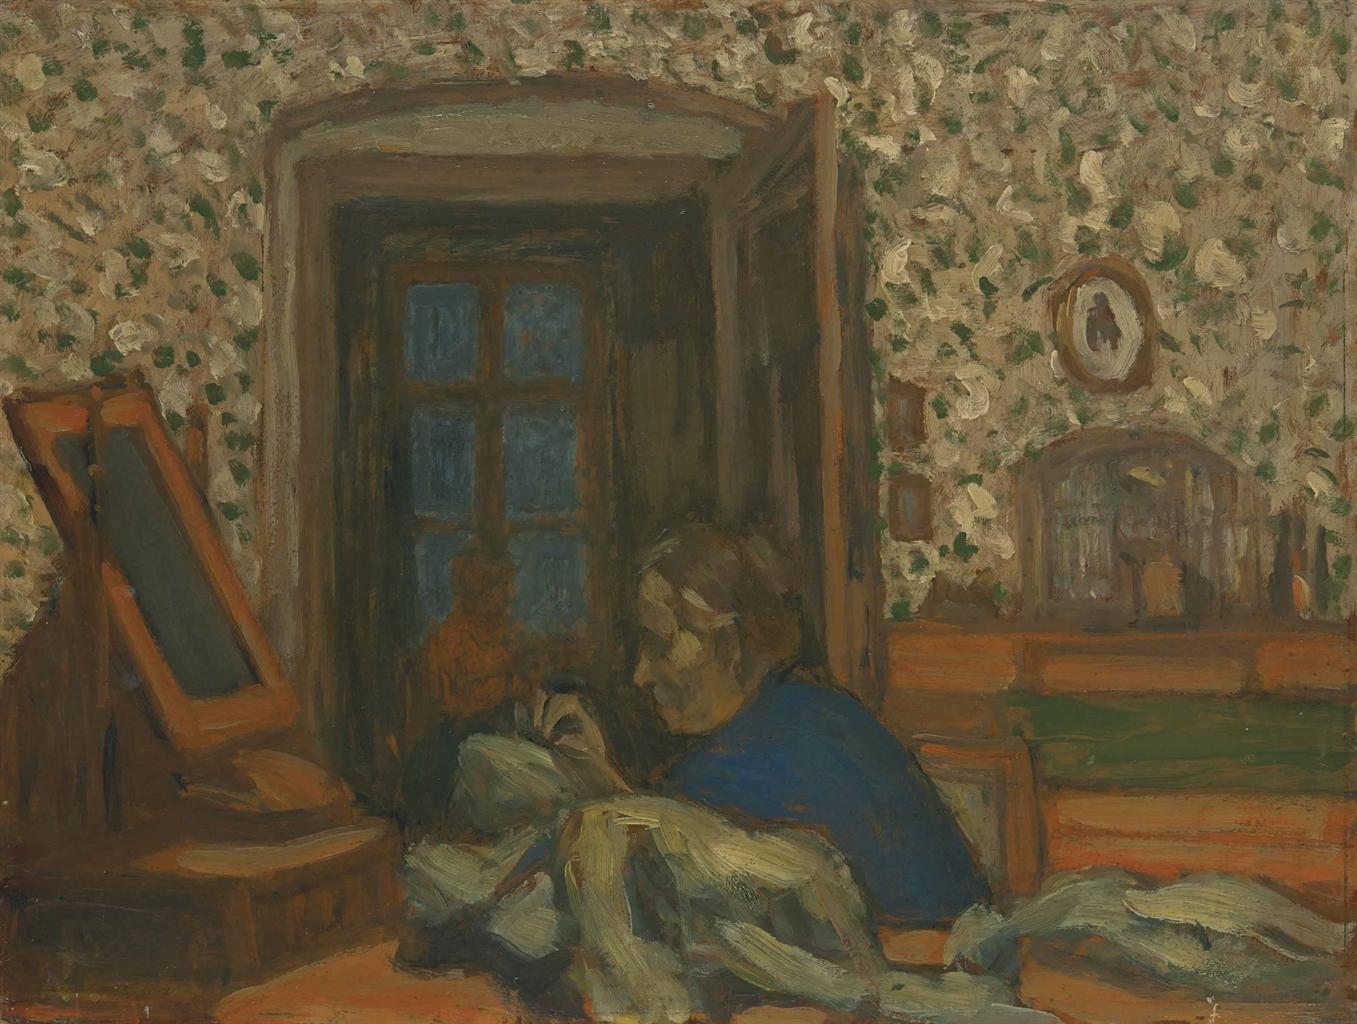 Jozsef Rippl-Ronai-La mere de l'artiste cousant-1897